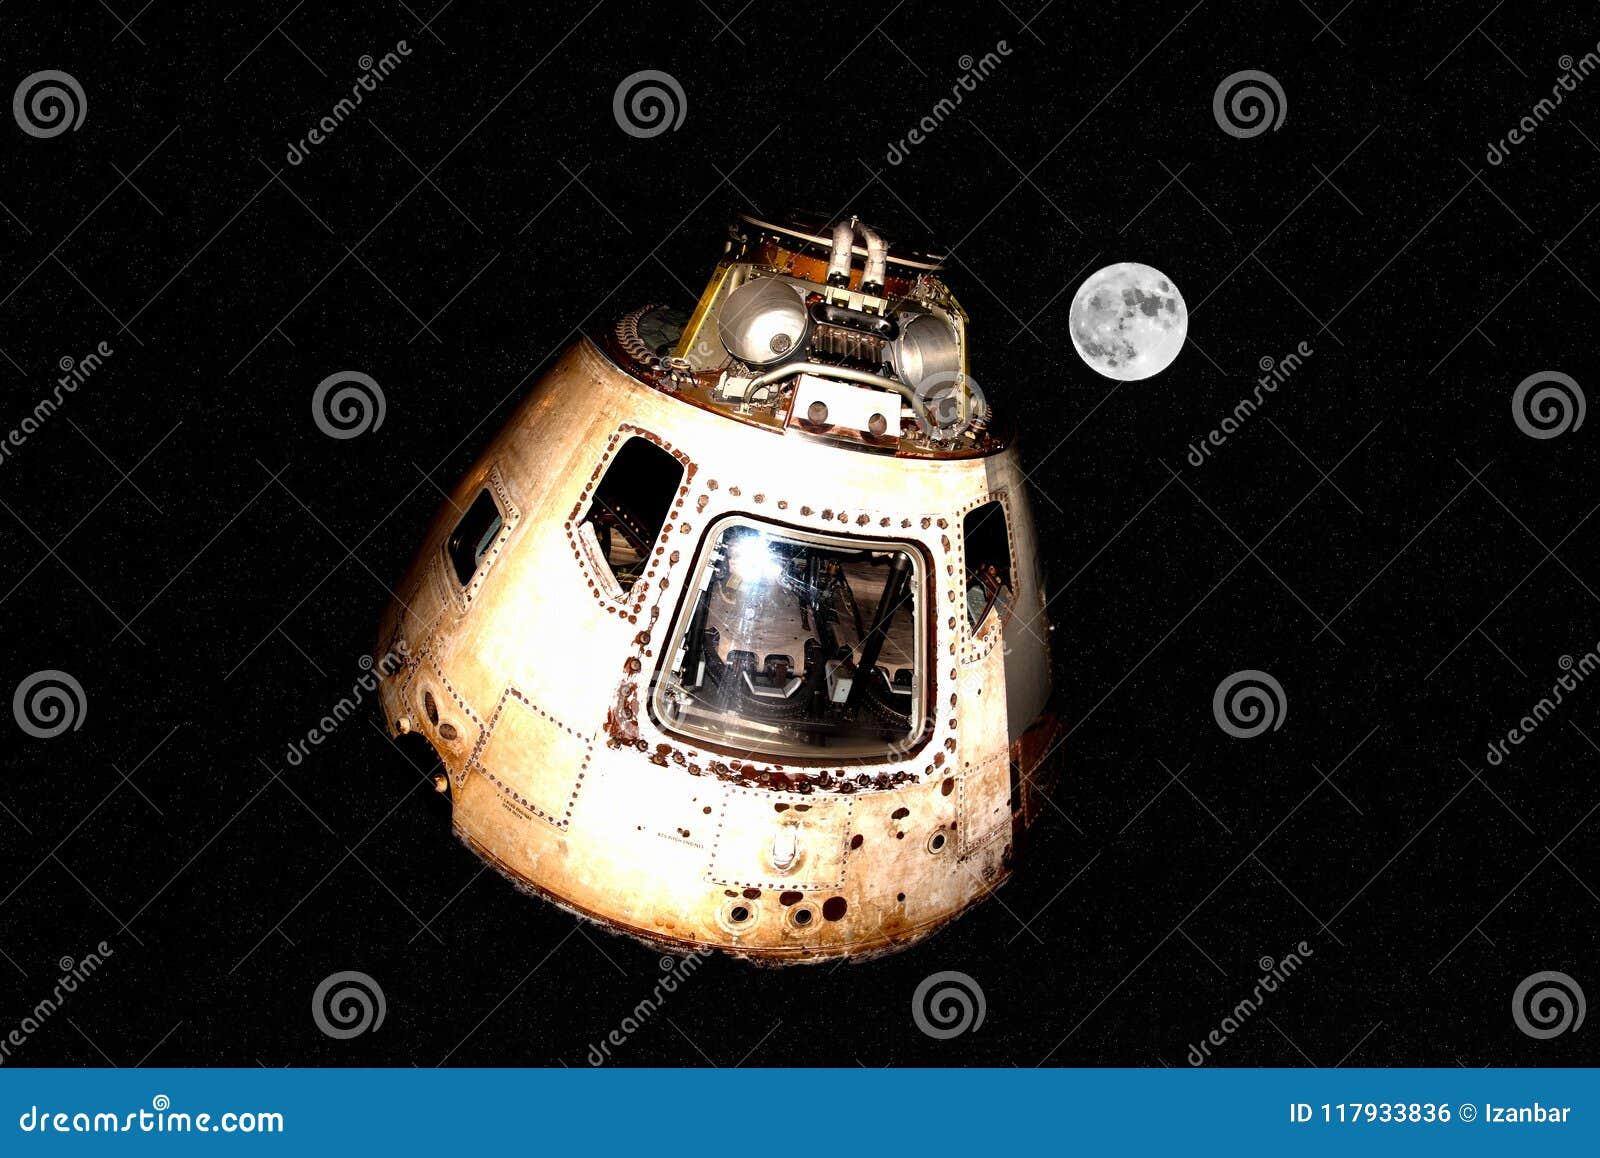 Raumschiff Apollo Style auf Mond und Sternen